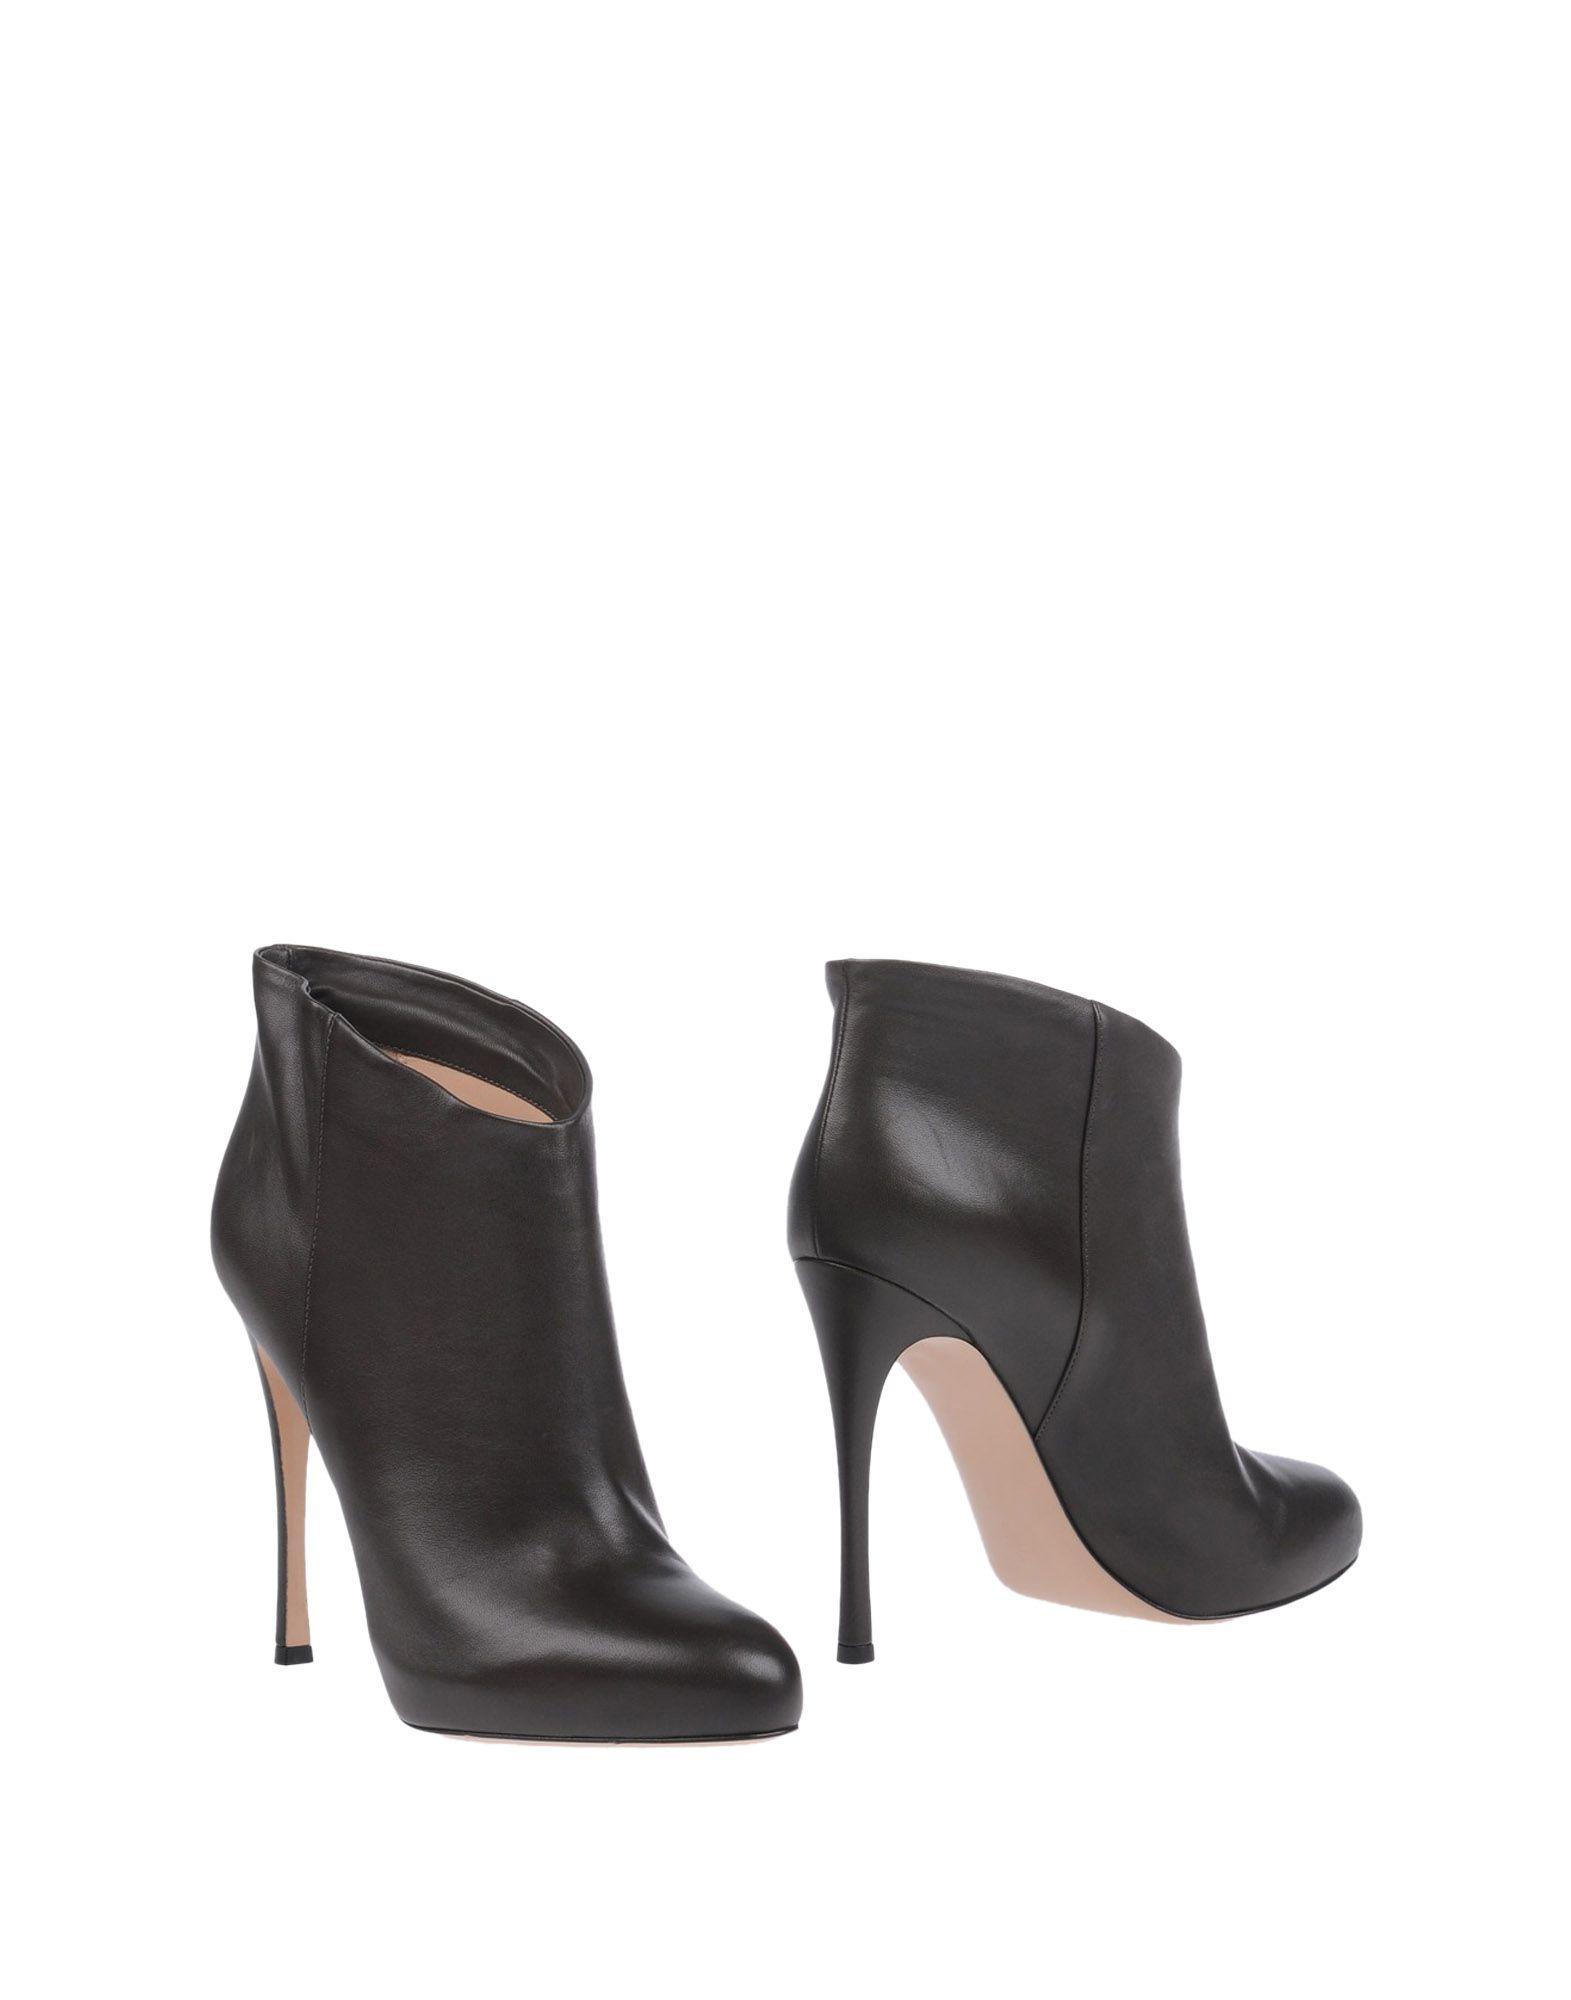 Rabatt Schuhe Stiefelette Gianvito Rossi Stiefelette Schuhe Damen  11155802AI b7c2e4